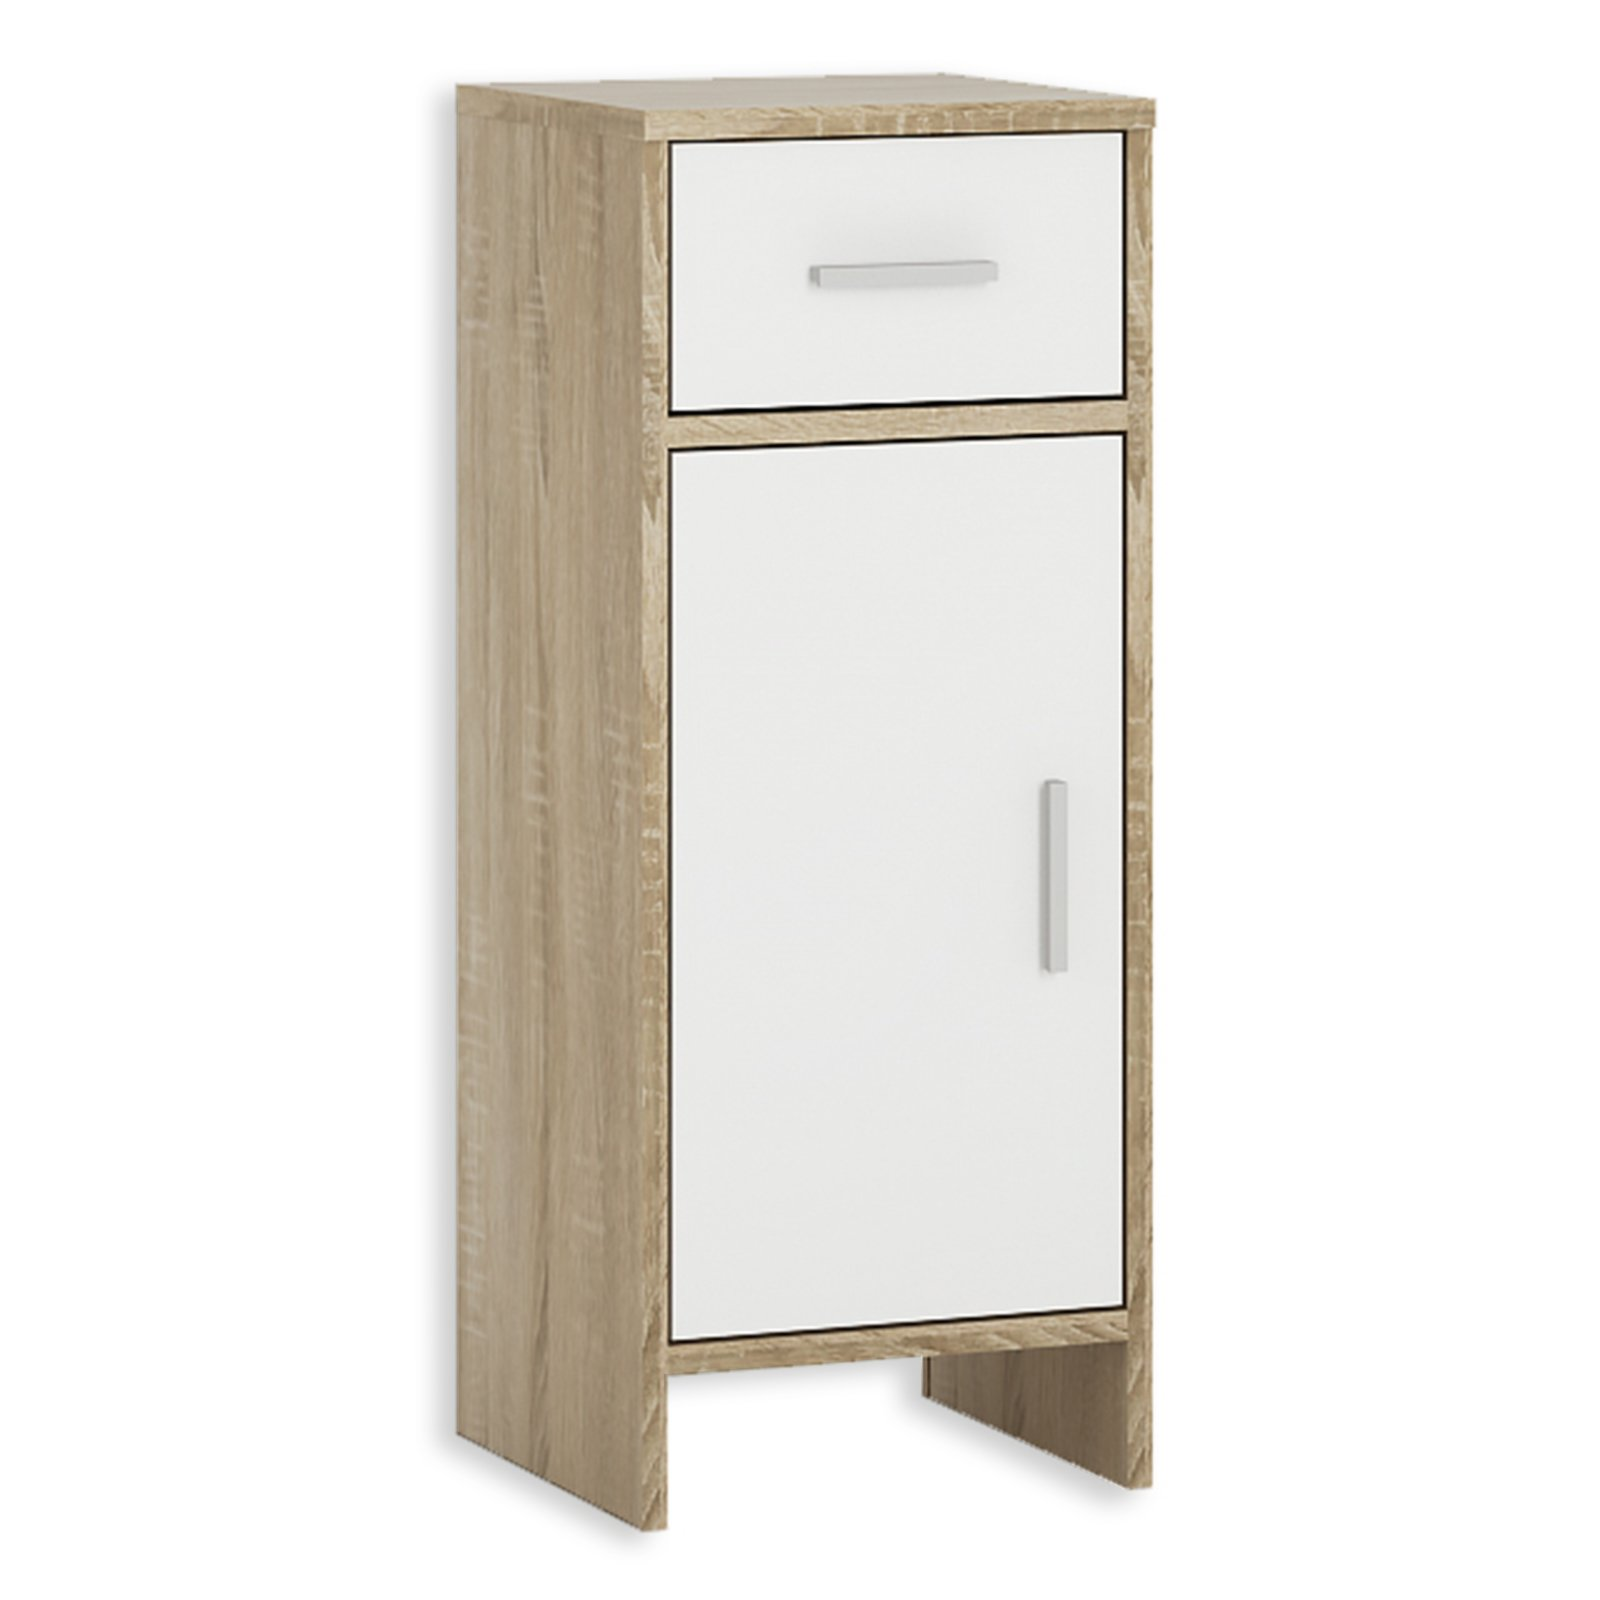 unterschrank lilly wei sonoma eiche 1 schubkasten 32 cm badezimmer hoch midischr nke. Black Bedroom Furniture Sets. Home Design Ideas